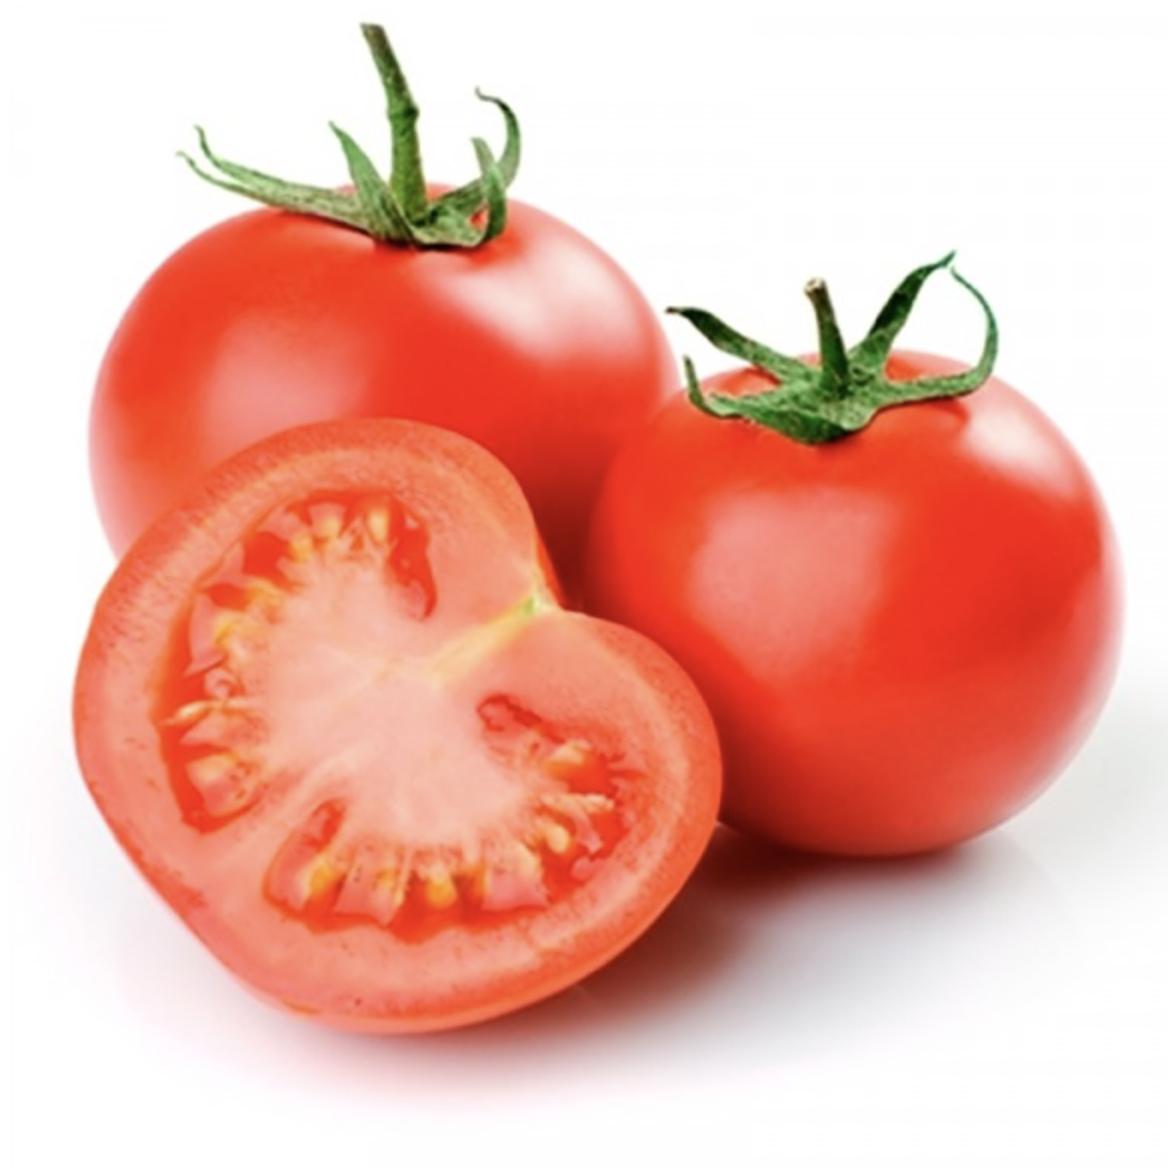 VEG【蔬菜】番茄 一份 / ~1lbs